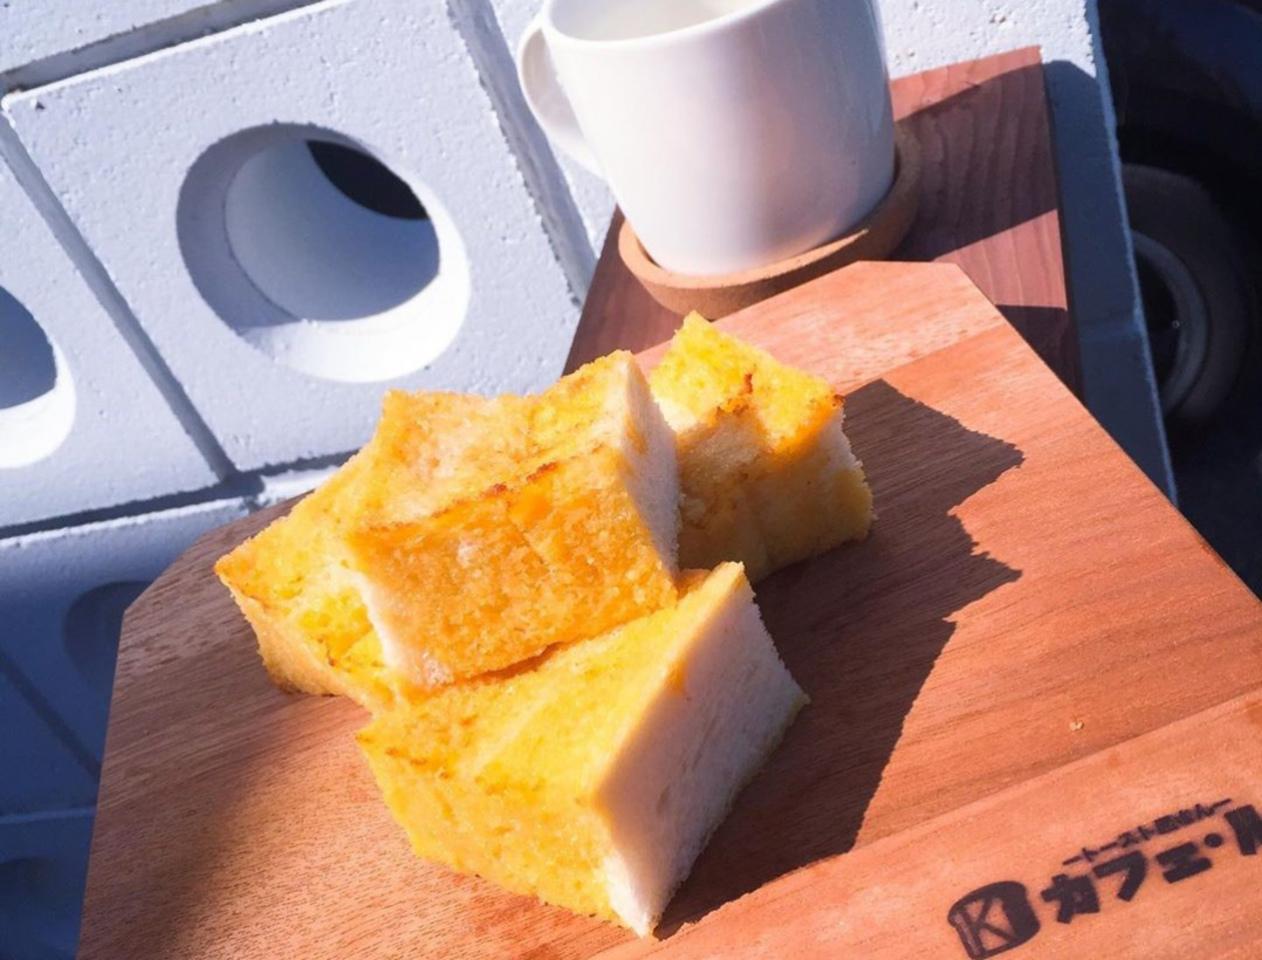 熊本市南区城南町下宮地にトースト専門店「カフェル」が本日プレオープンのようです。